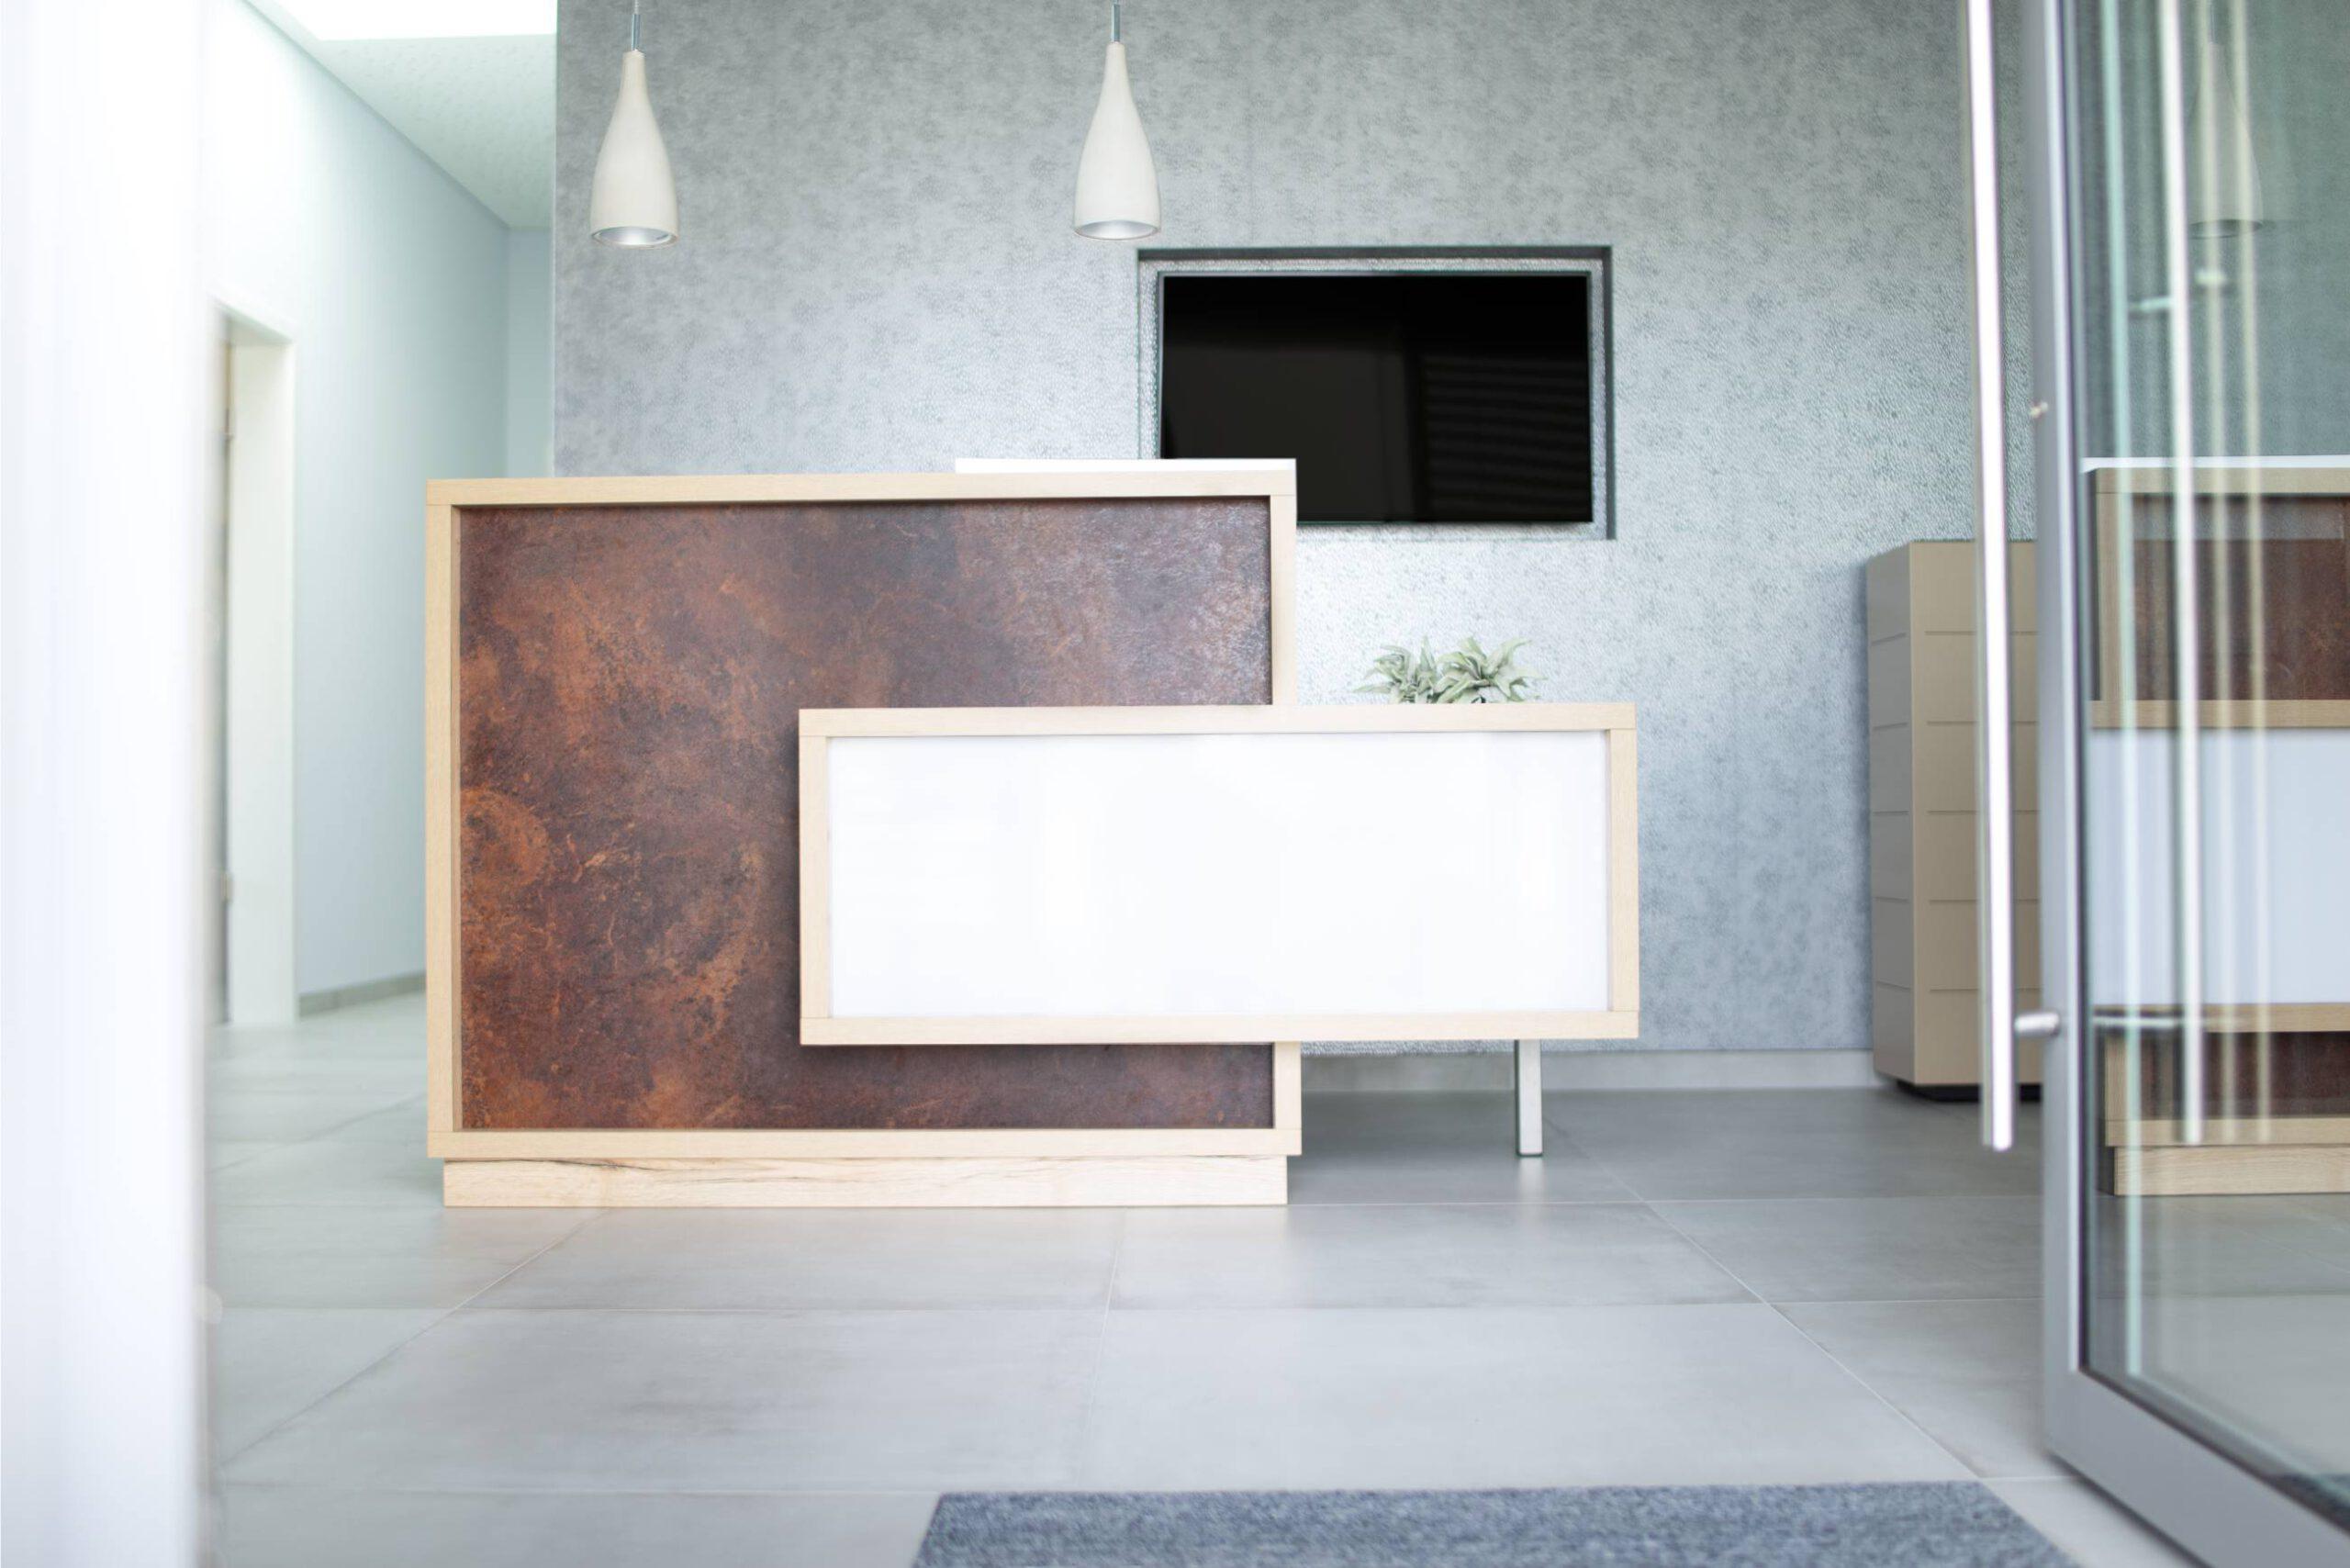 moebel-for-you.de Empfangsbereich individueller Design Tresen